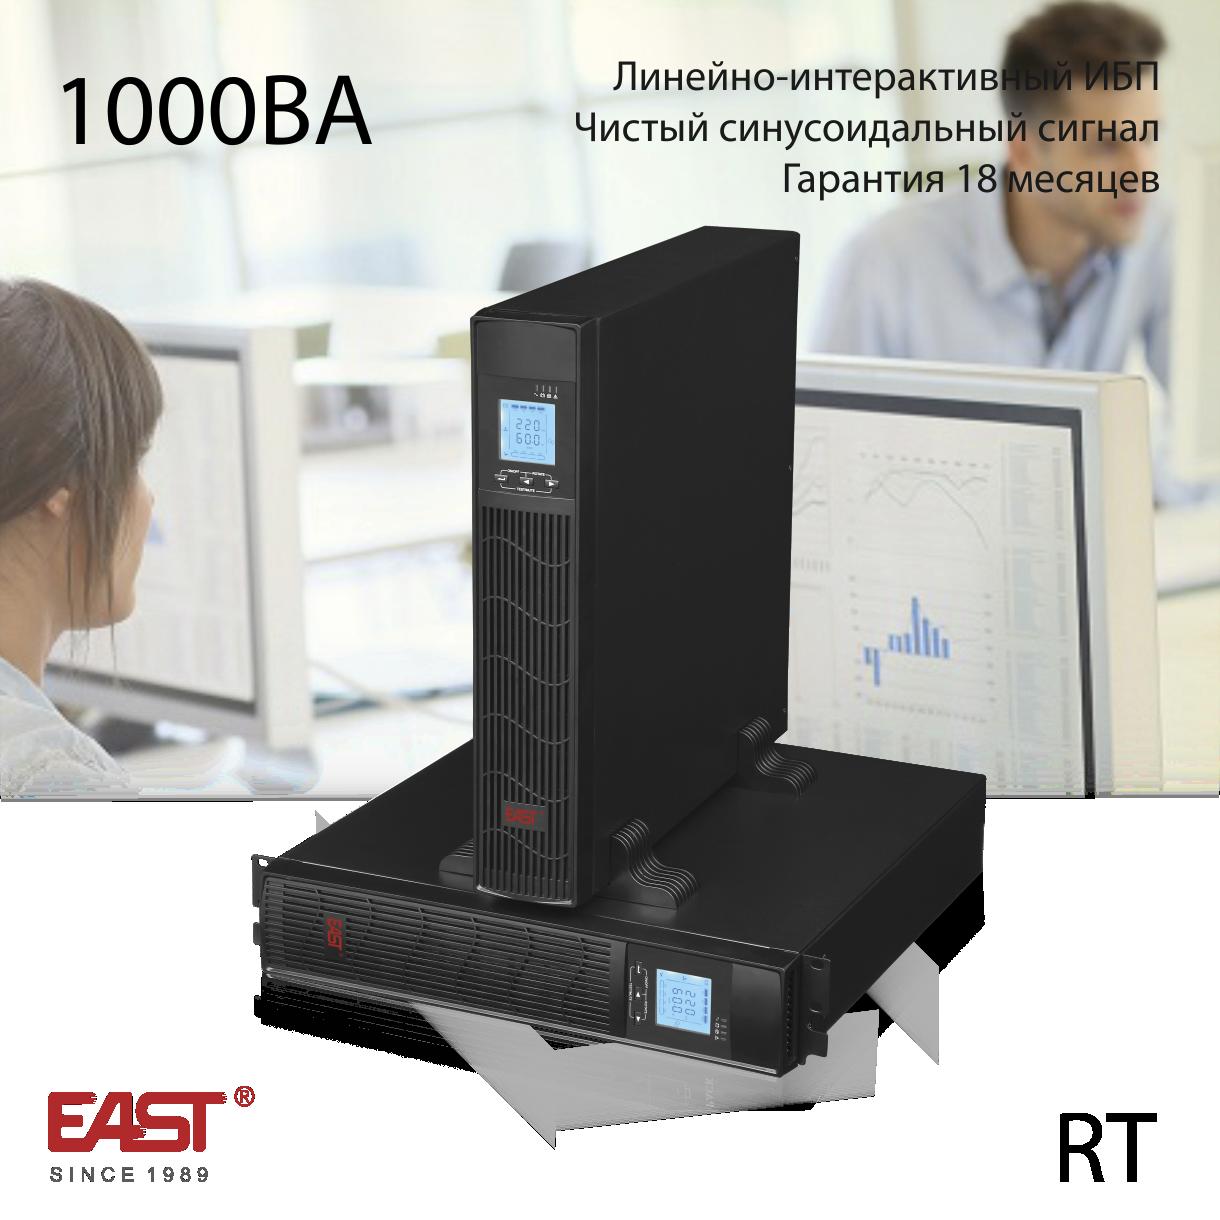 Источник бесперебойного питания, EA600 RT, 1000ВА/800Вт, в универсальном корпусе RT (башня/стойка)